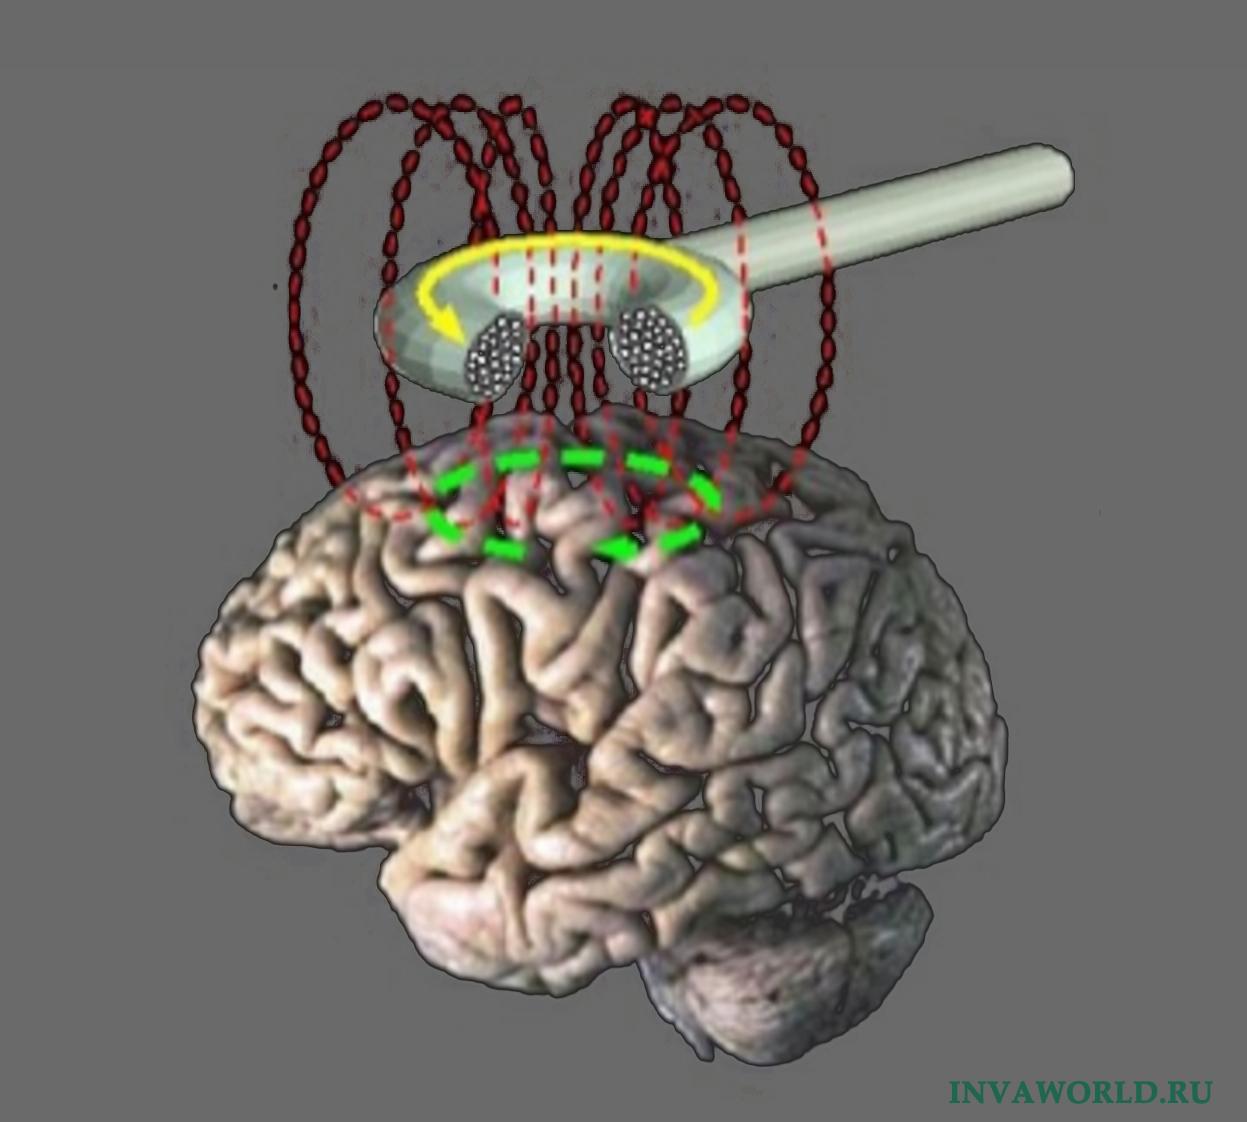 Восстановление речи после инсульта с помощью магнитотерапии